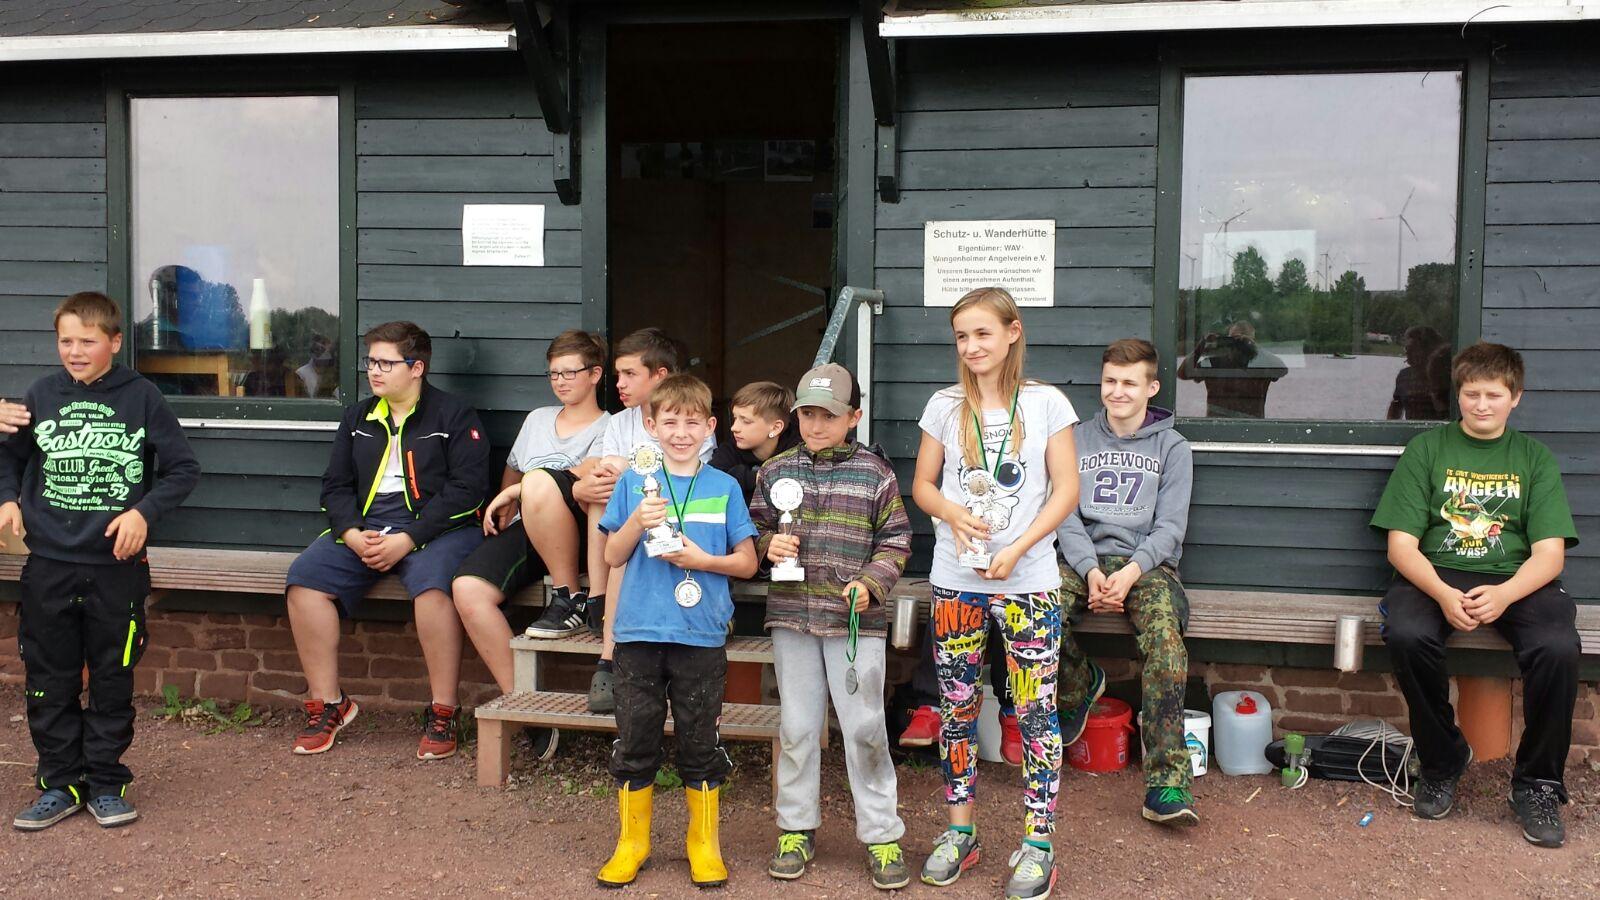 Die kleinen der Jugendgruppe mit ihren Pokalen nach dem Hegefischen.